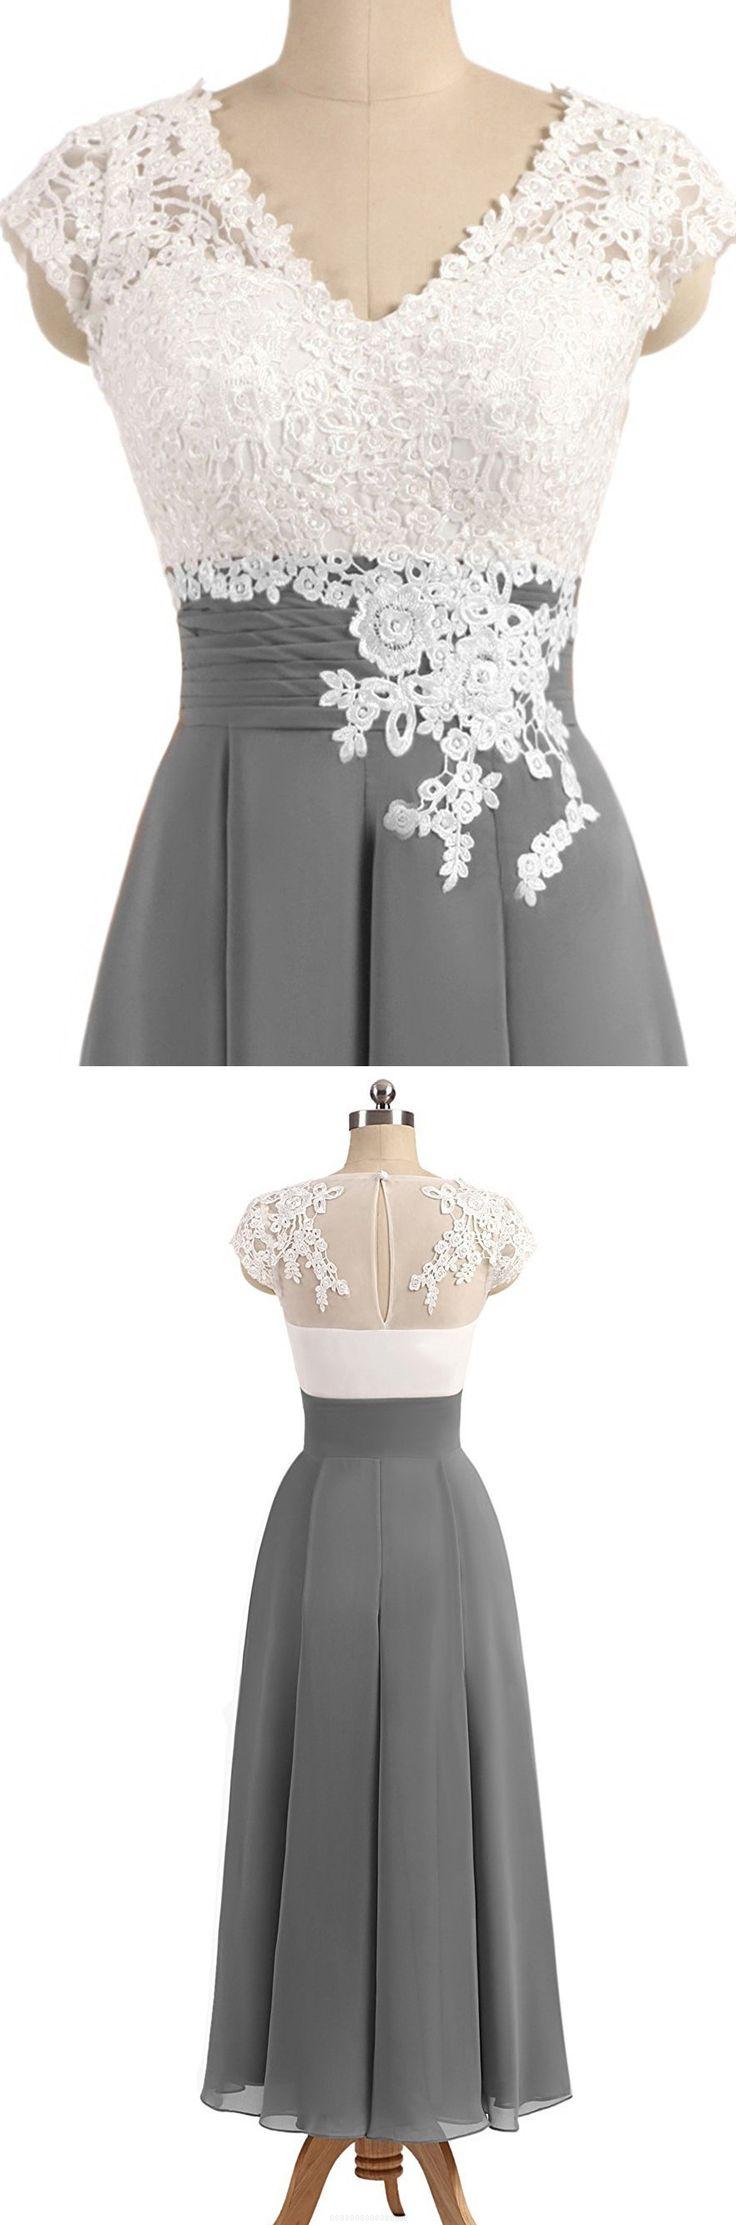 Epilogue dress.